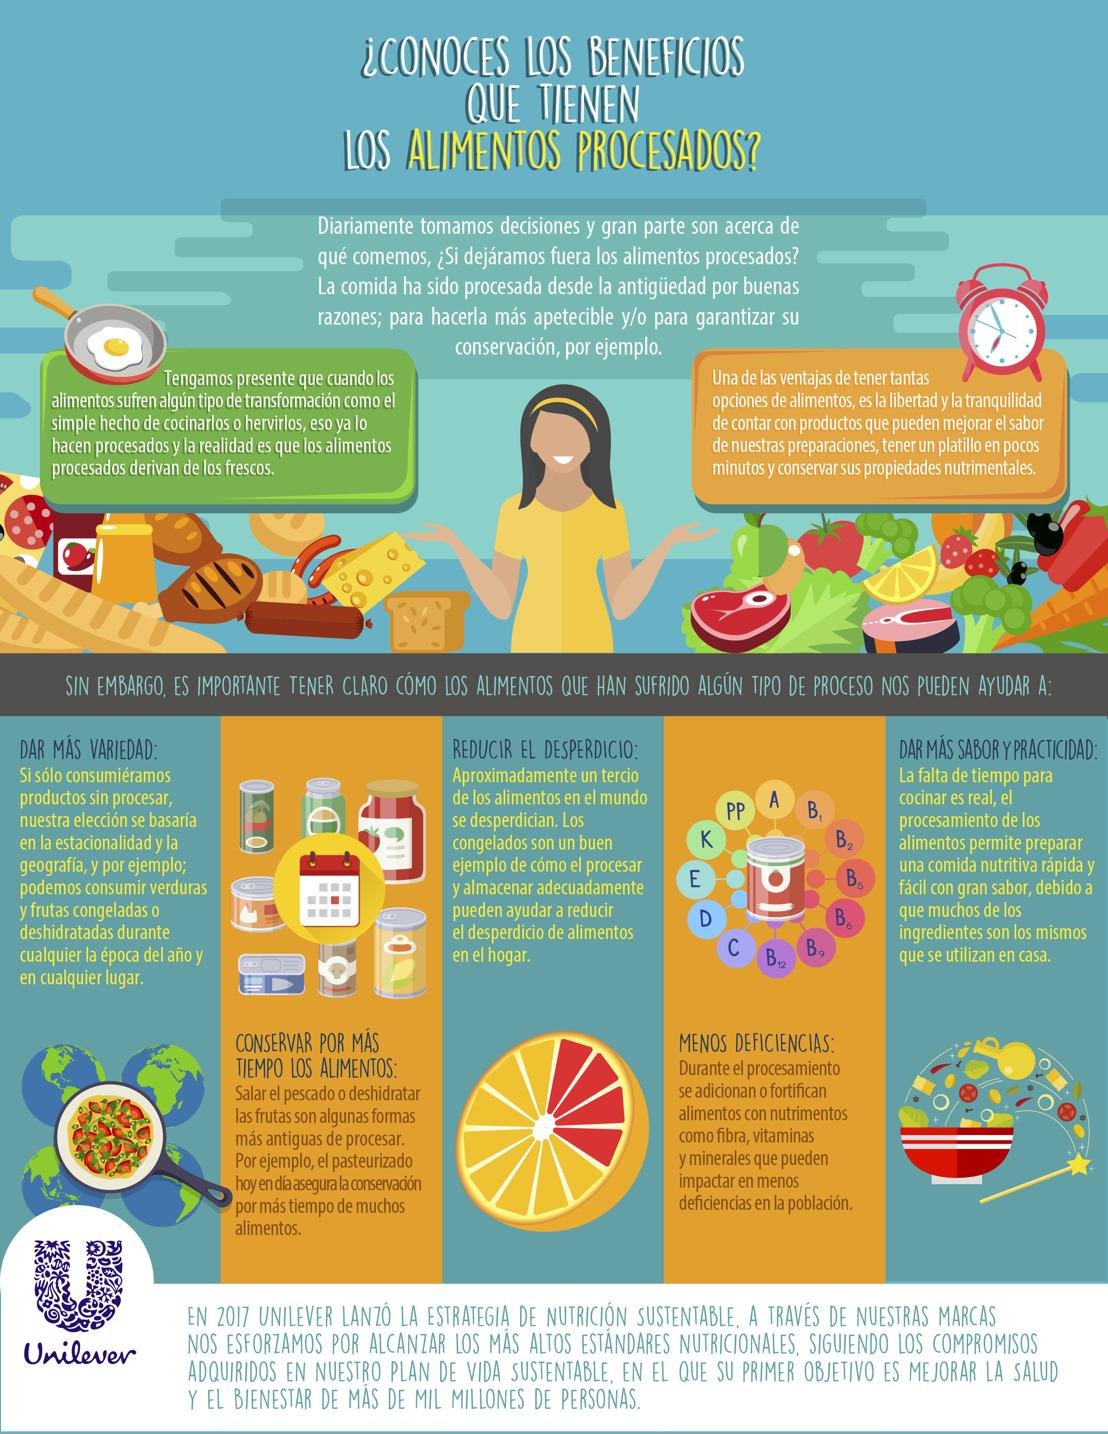 ¿Conoces los beneficios que tienen los alimentos procesados?